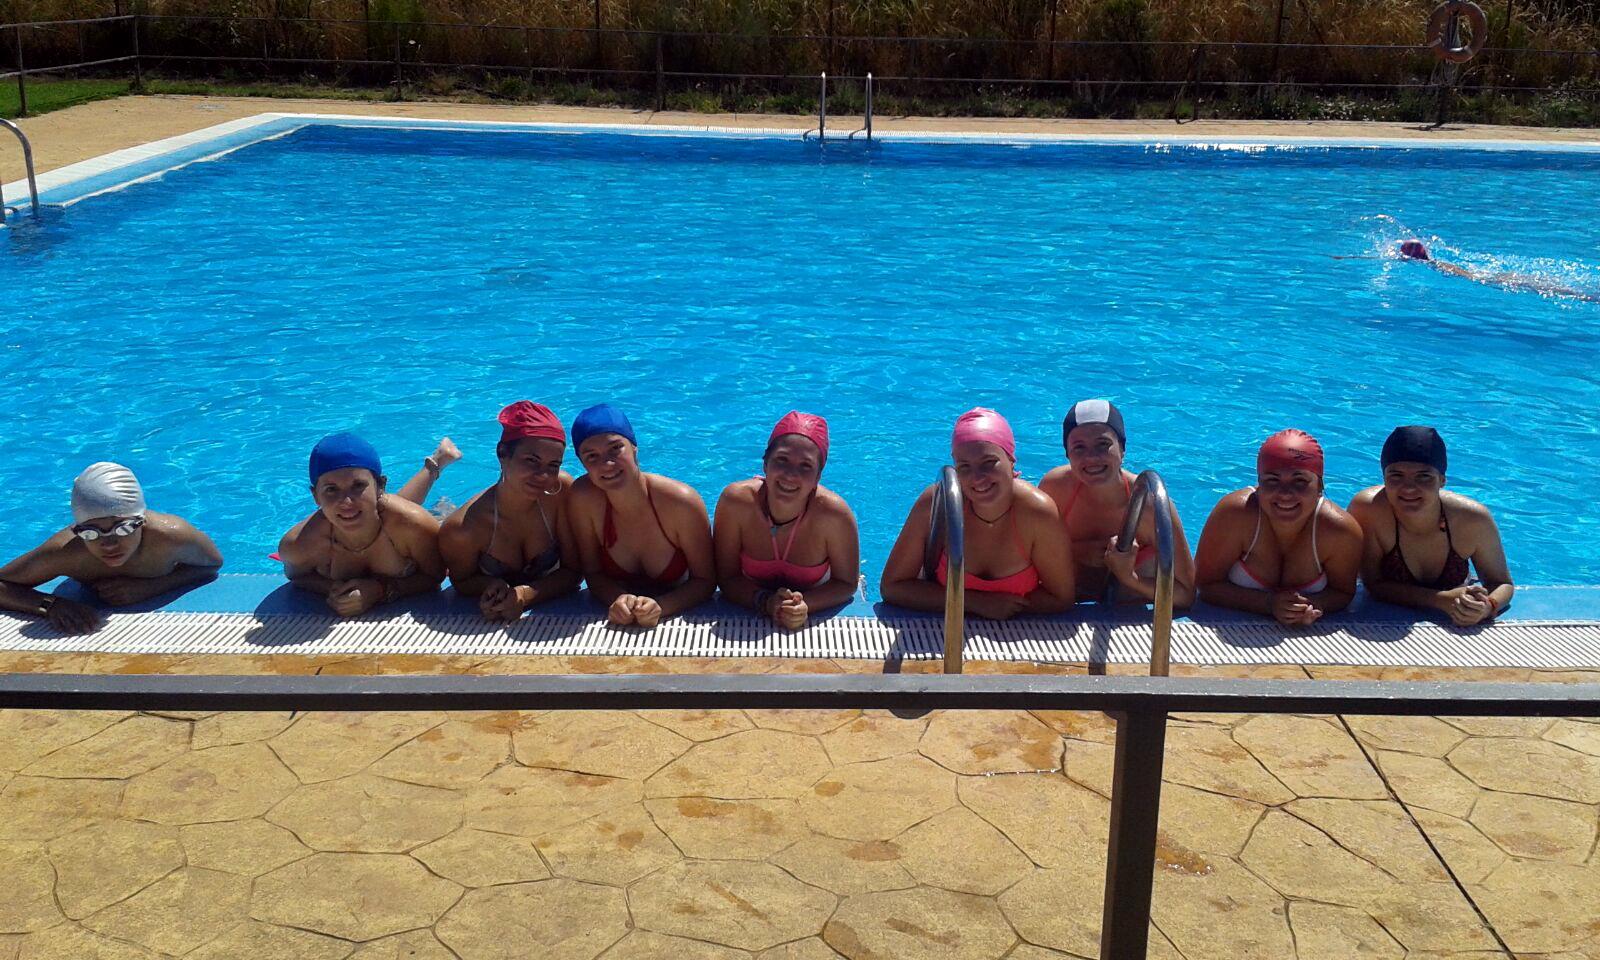 Campamentos de verano con piscina para niños adolescentes y jóvenes